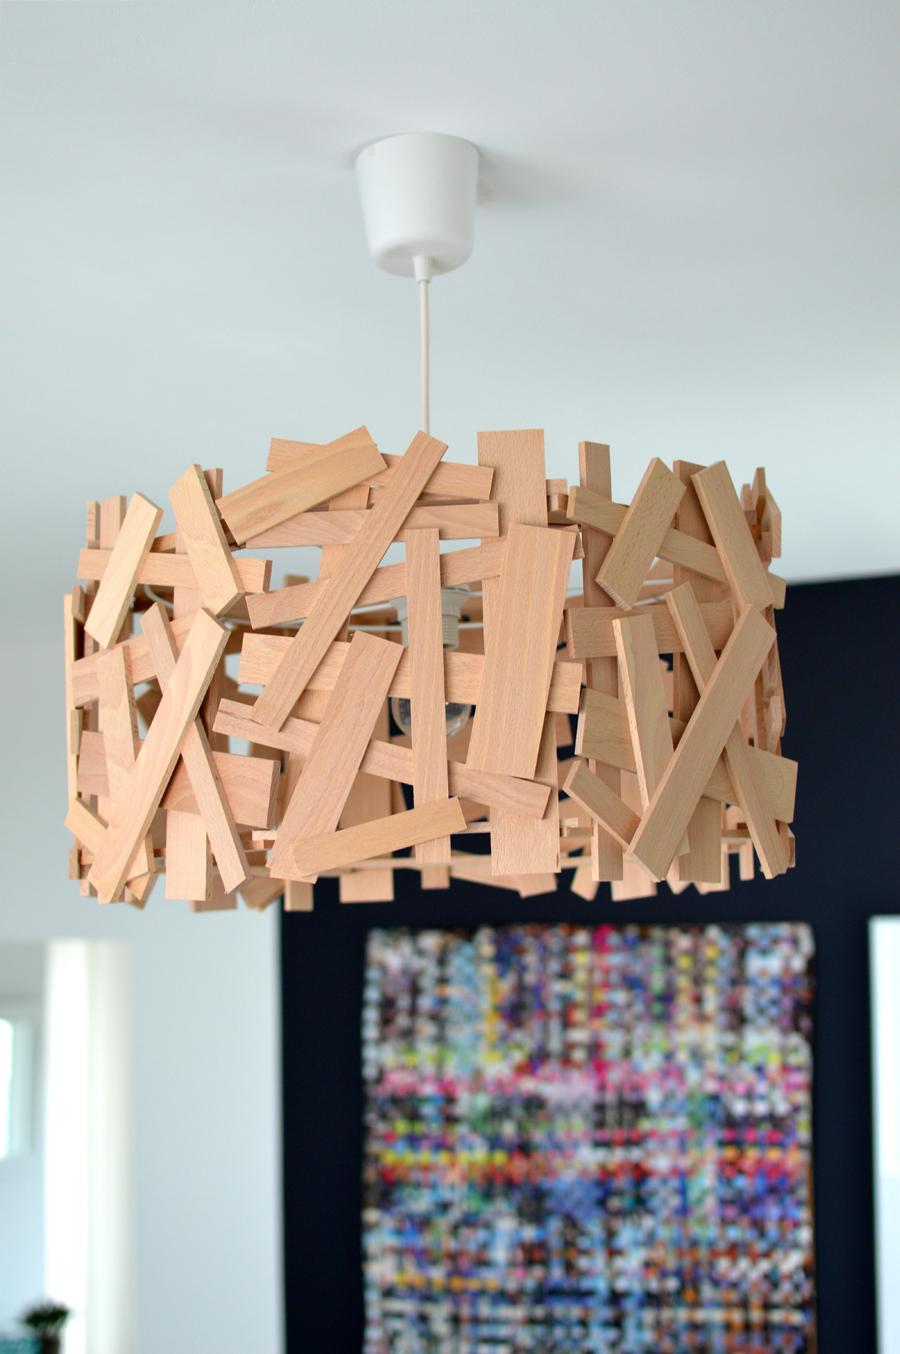 von der diy-idee zur professionellen lampe